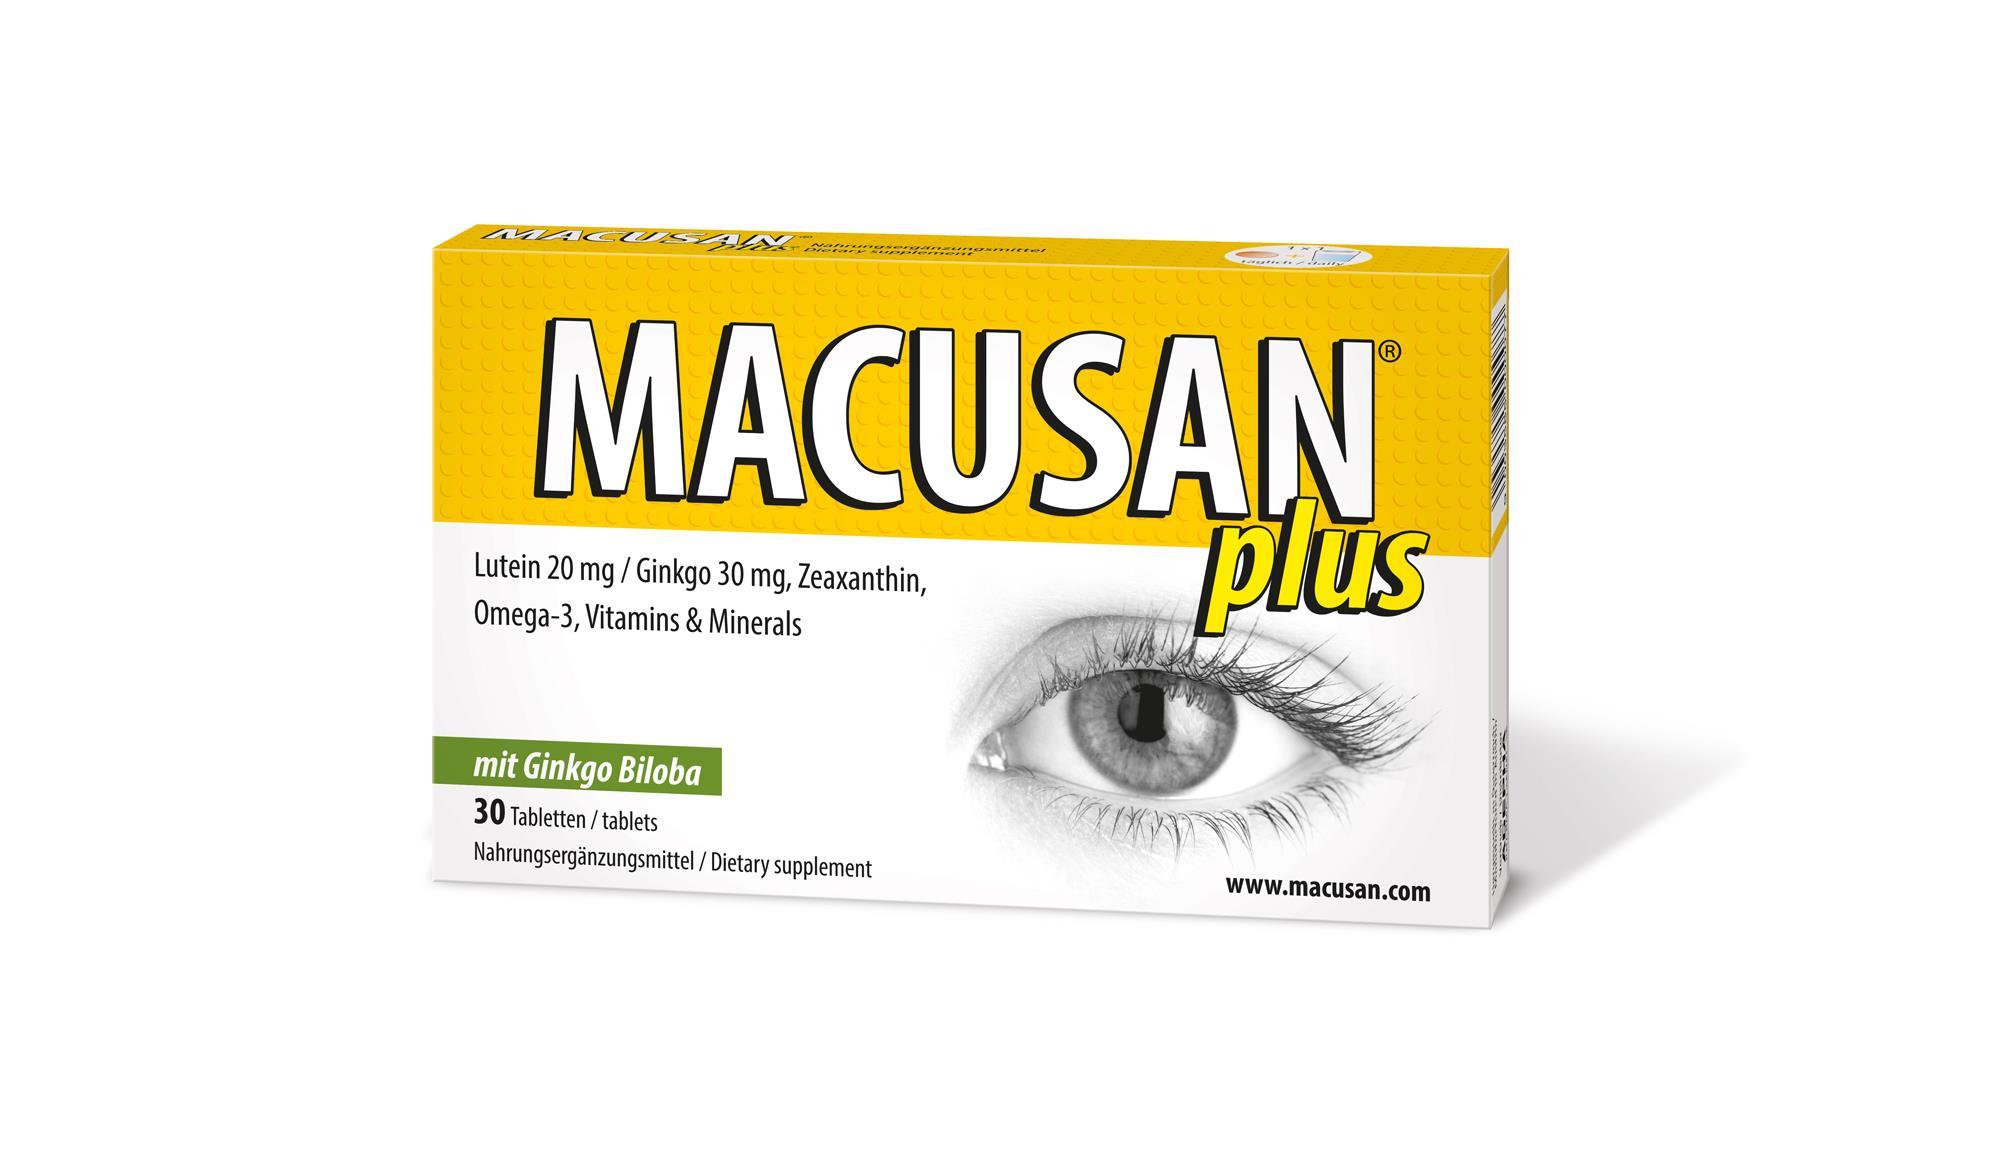 Macusan Plus Kapseln